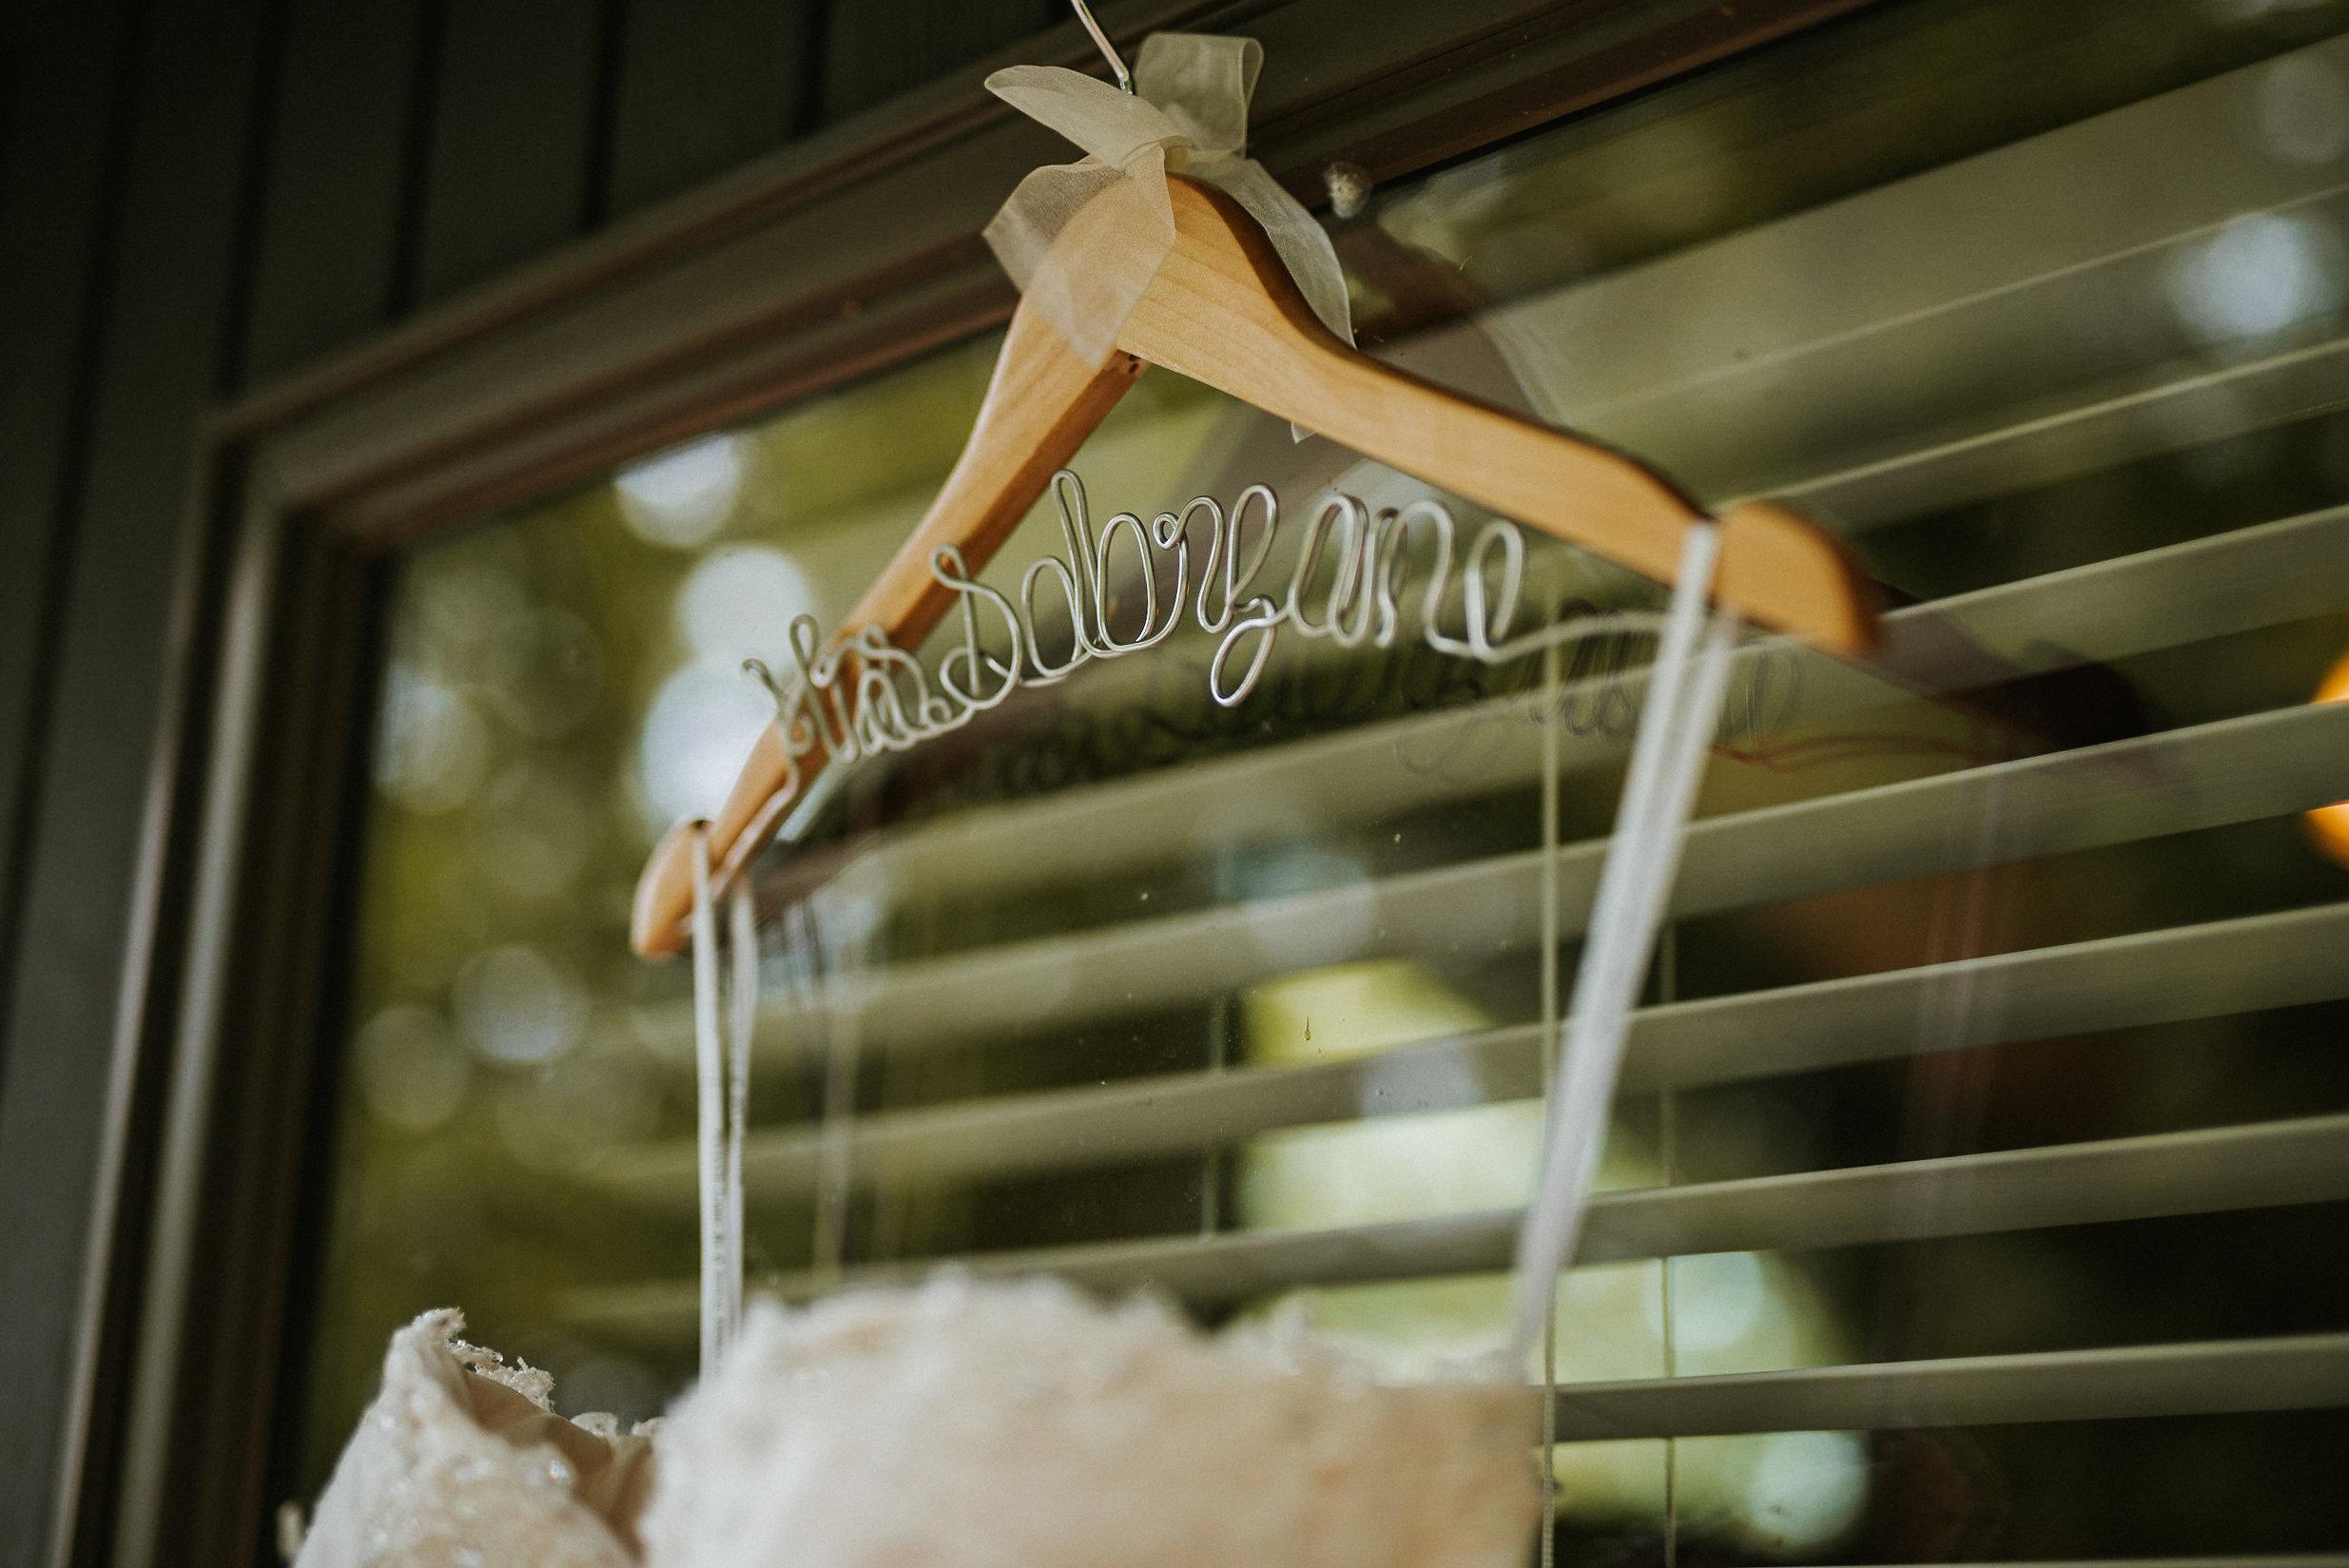 Wedding dress on Mrs hanger